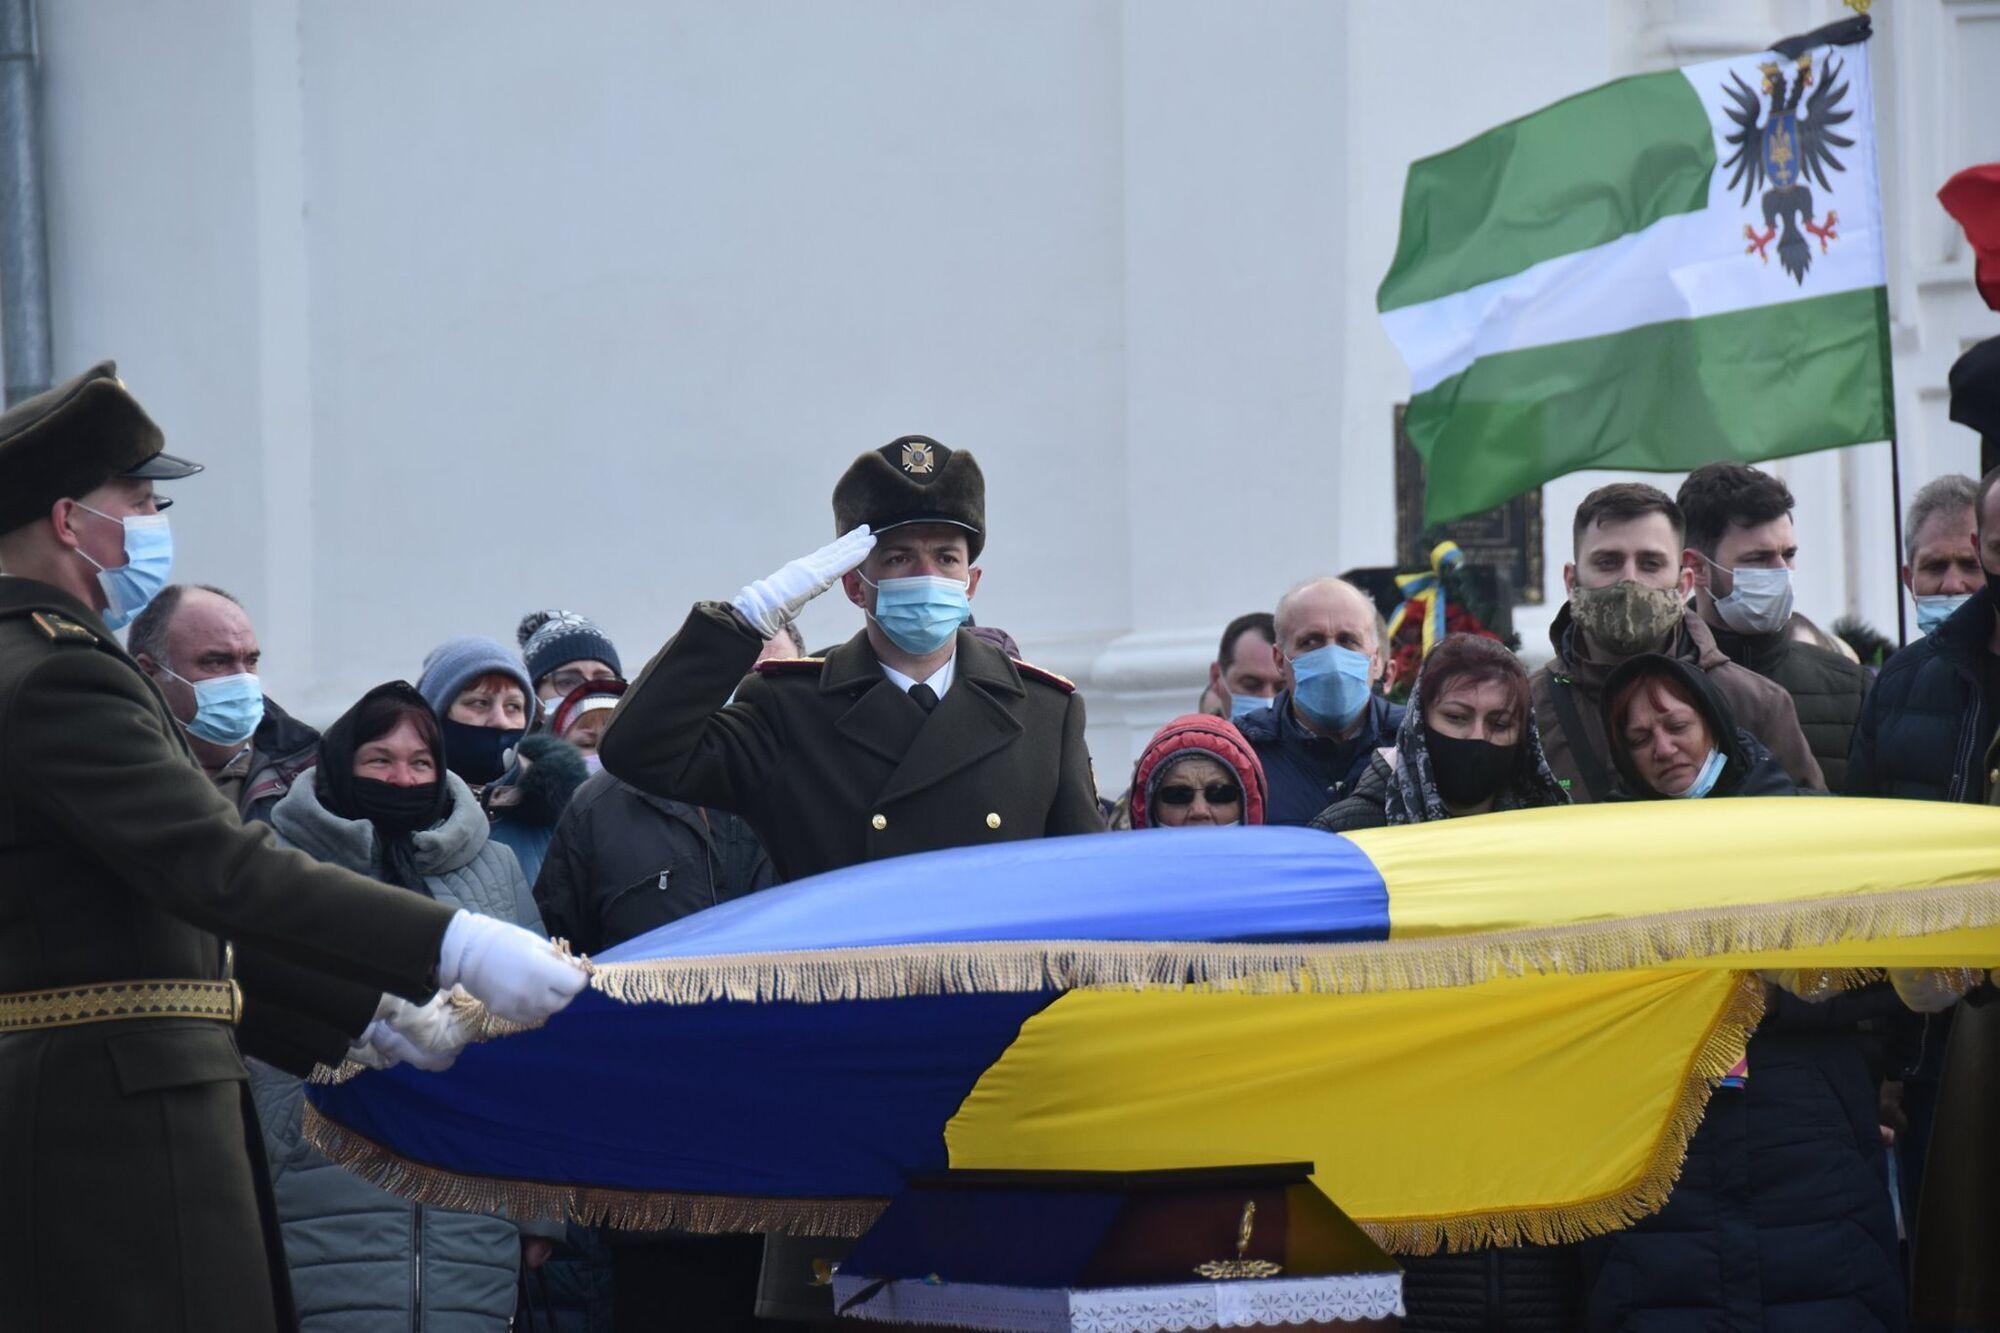 Гроб Володимира Шпака покрыли государственным флагом Украины